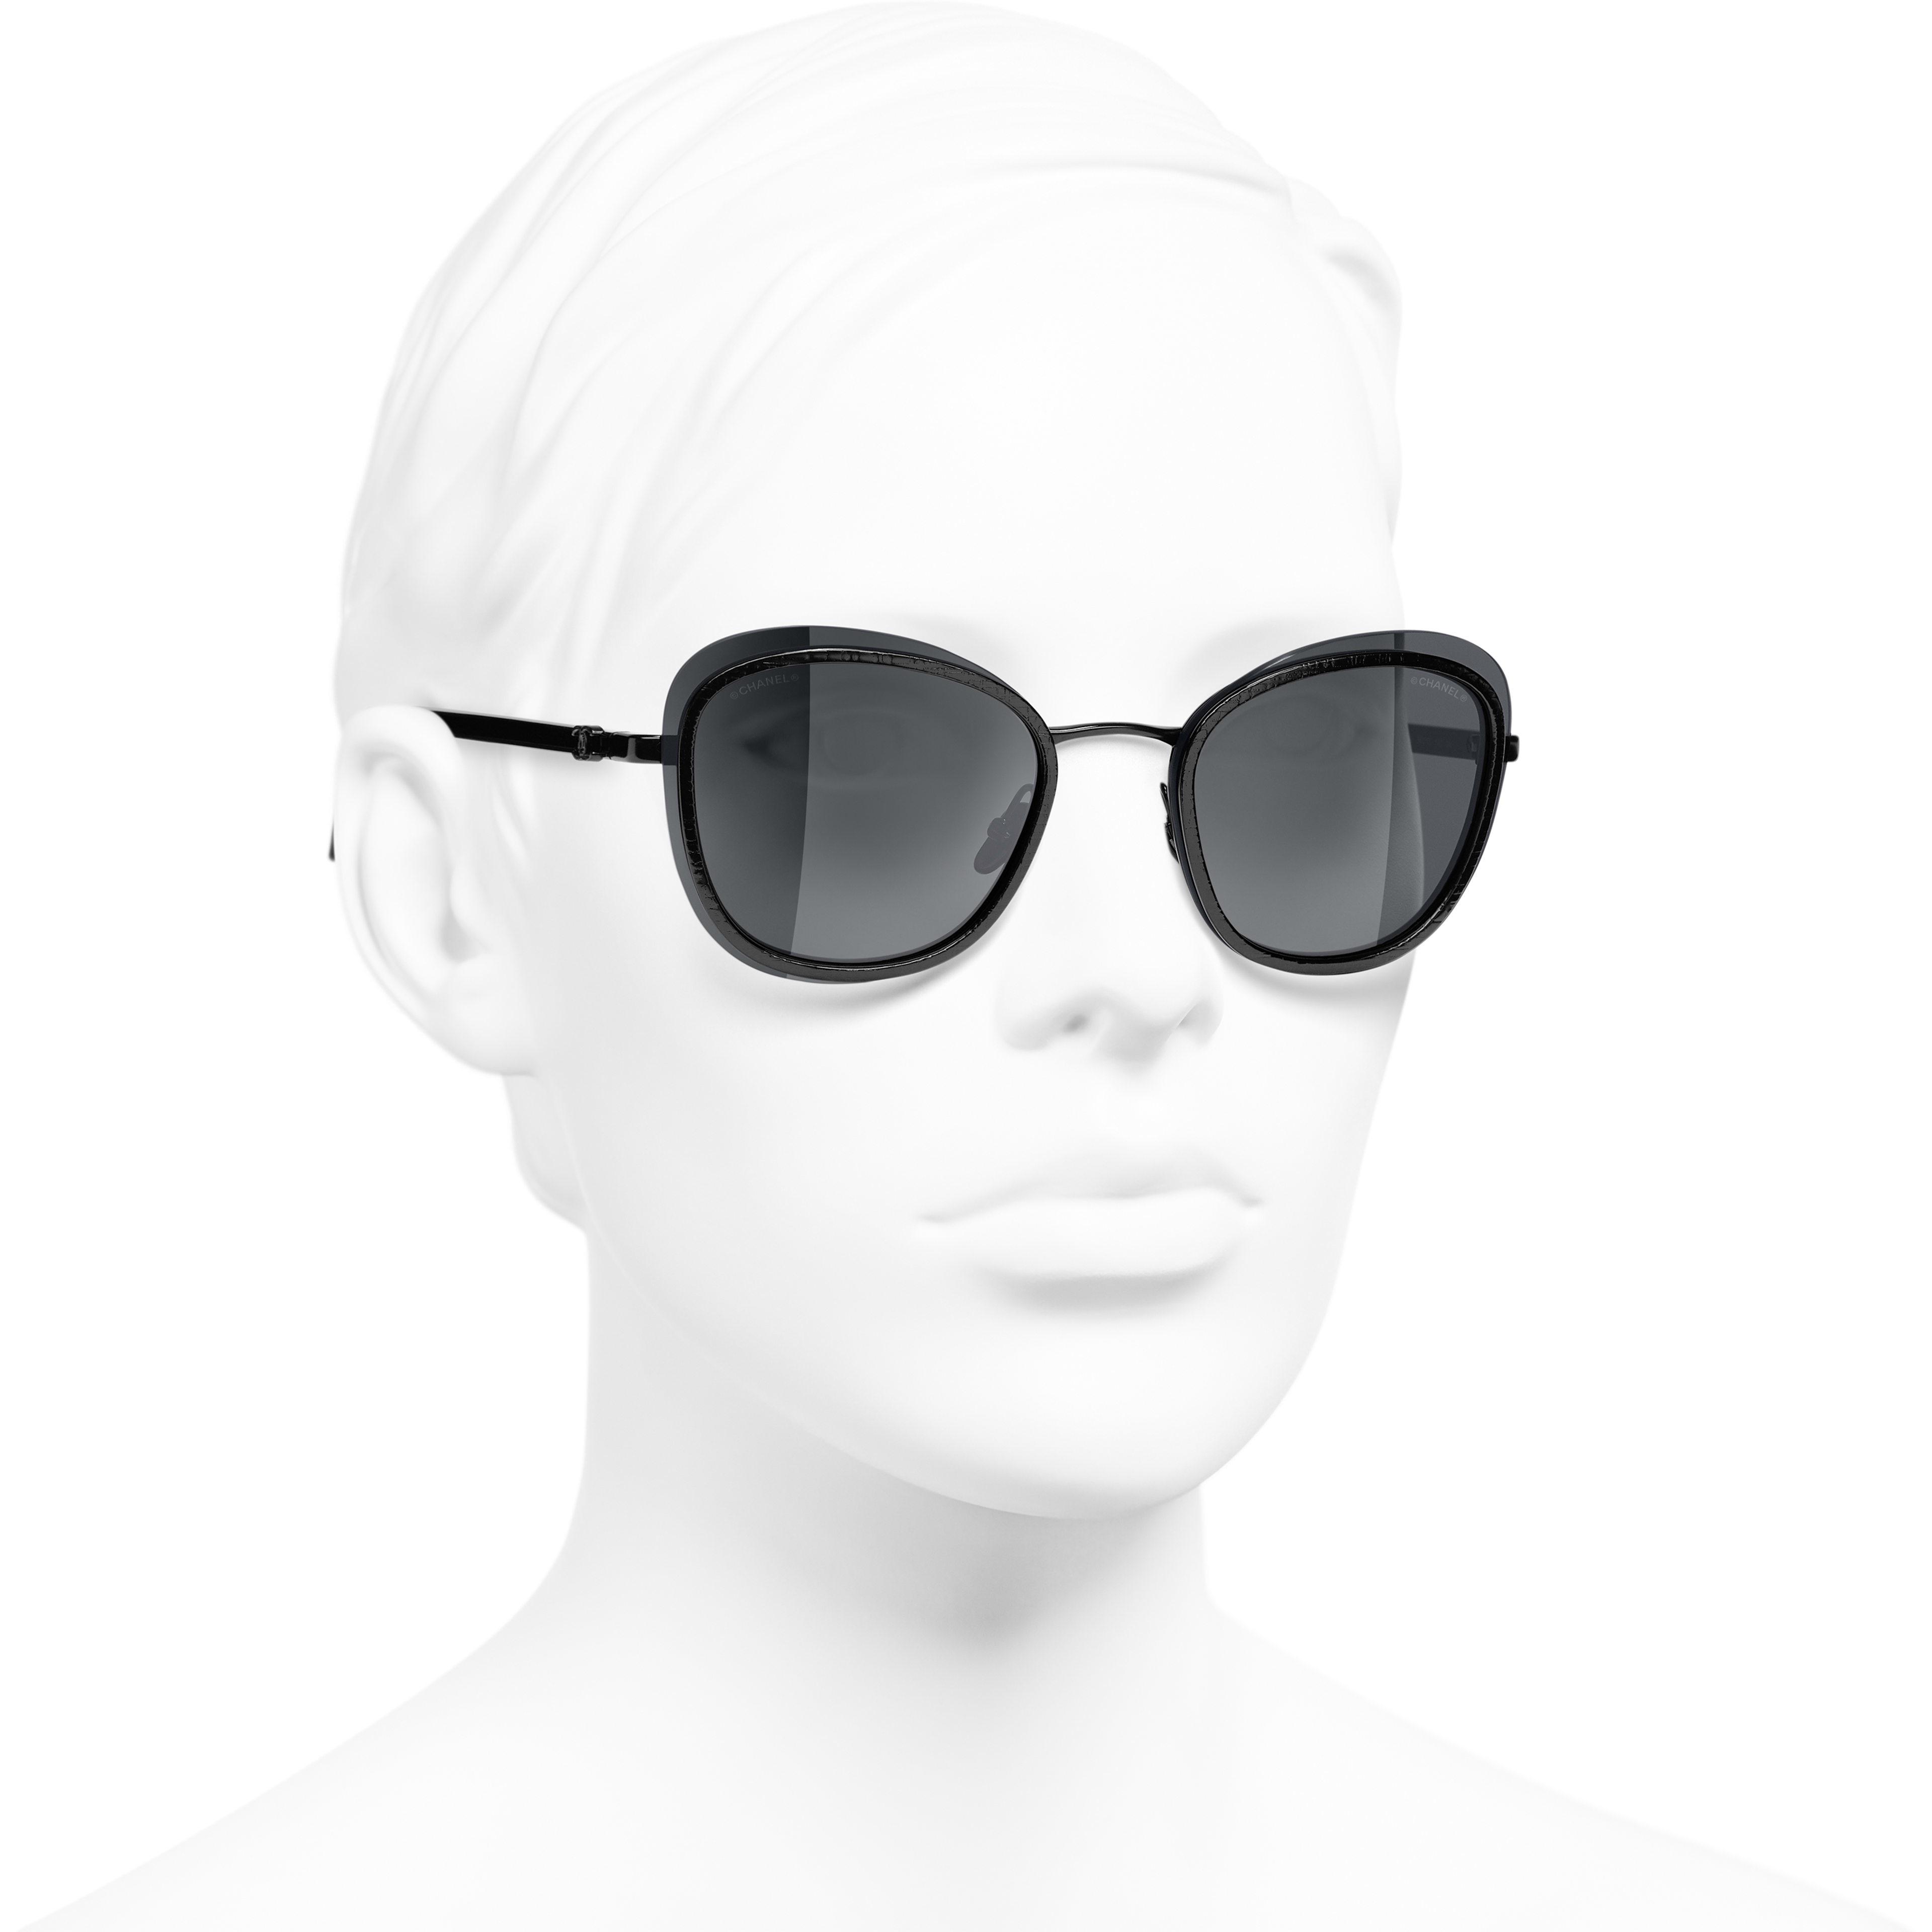 Солнцезащитные очки - Черный - Ацетат и металл - CHANEL - Вид в три четверти - посмотреть изображение стандартного размера